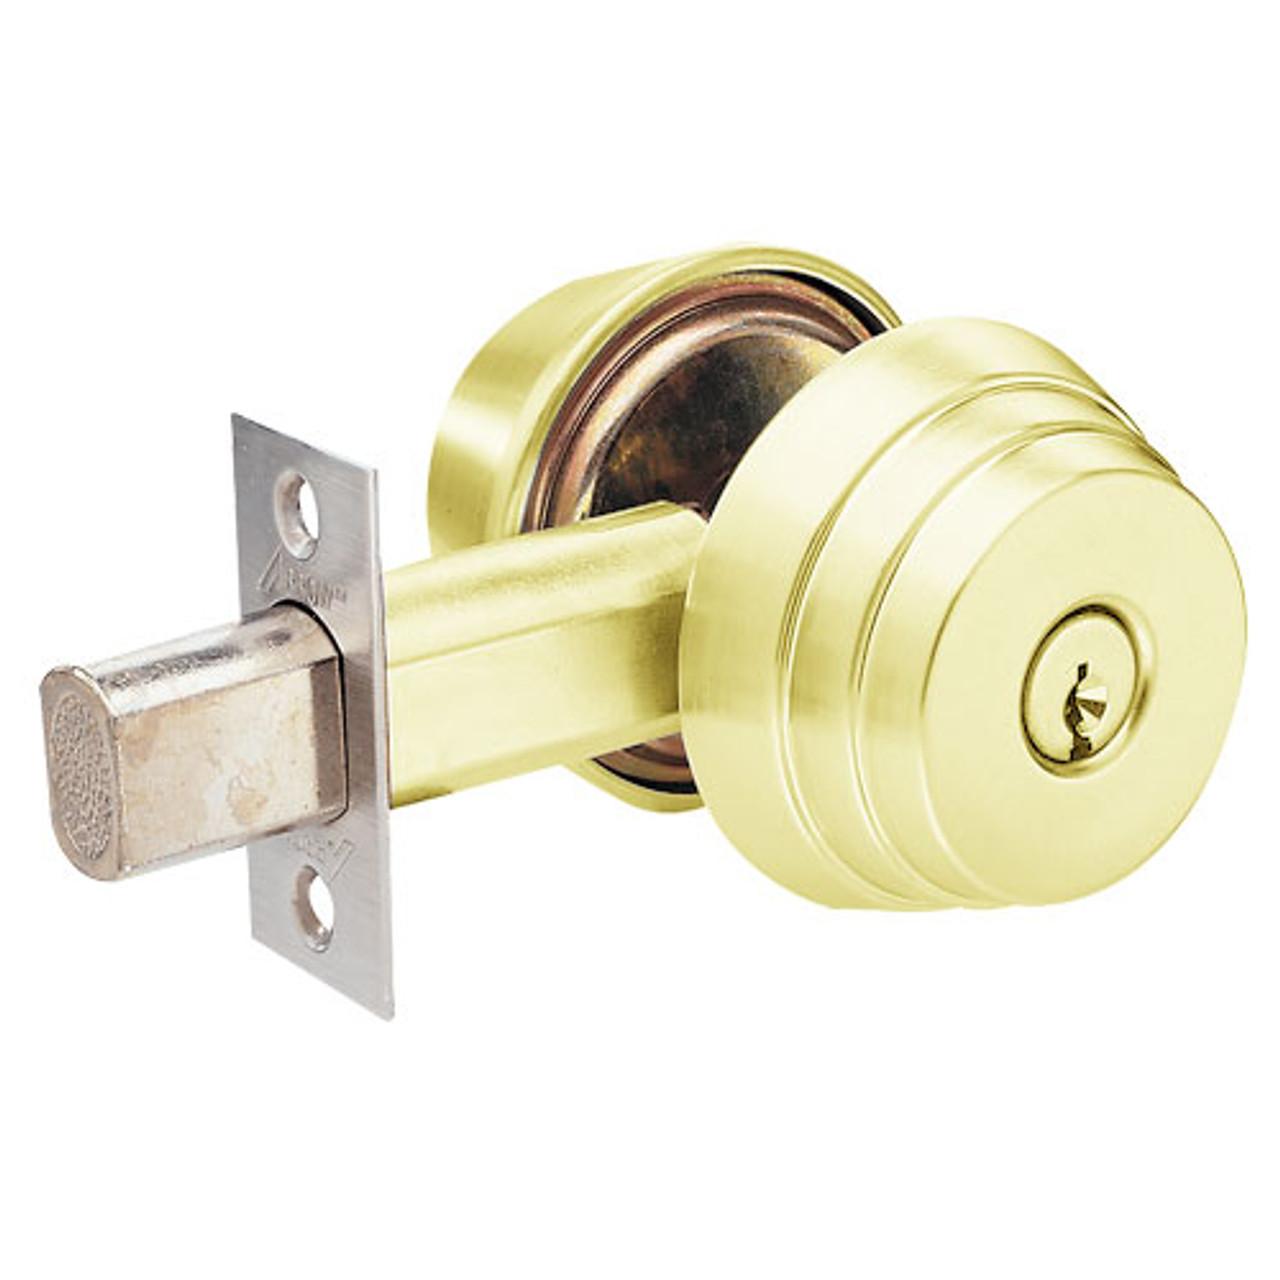 hight resolution of e61 03 arrow lock e series deadbolt in bright brass finish